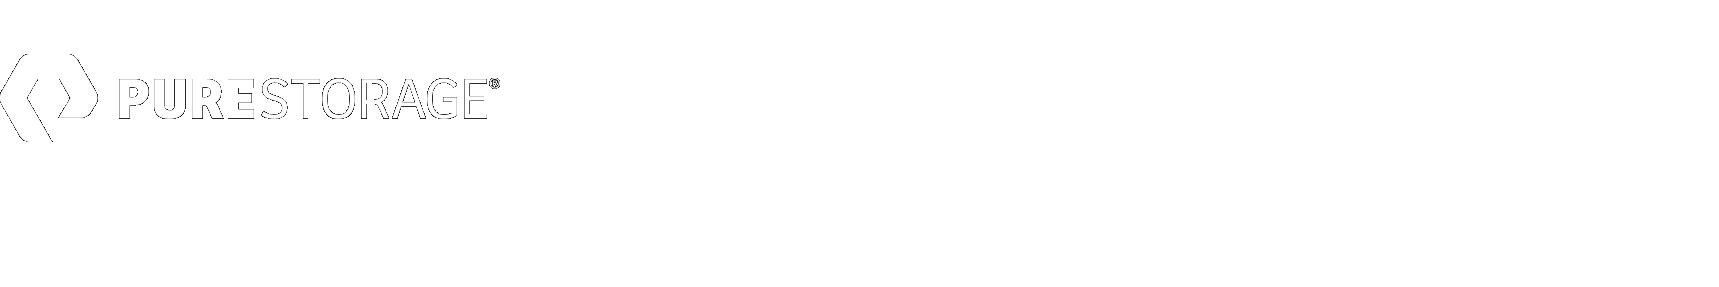 EnterpriseTalk